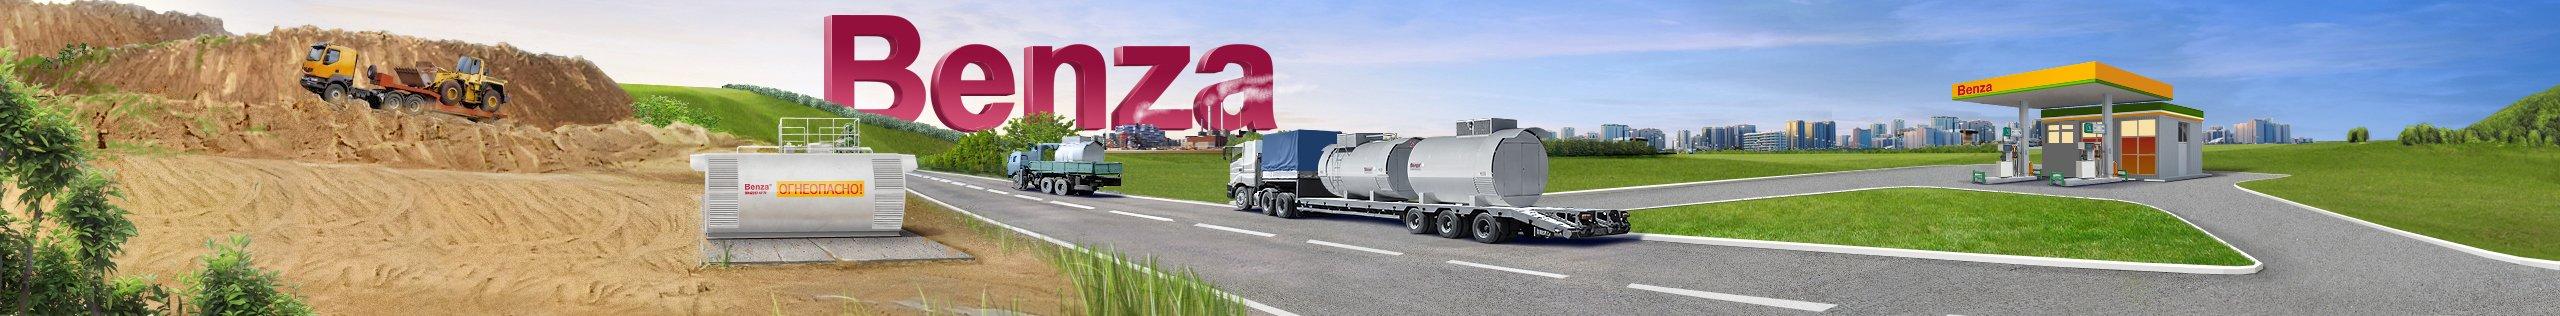 Оборудование торговой марки Benza